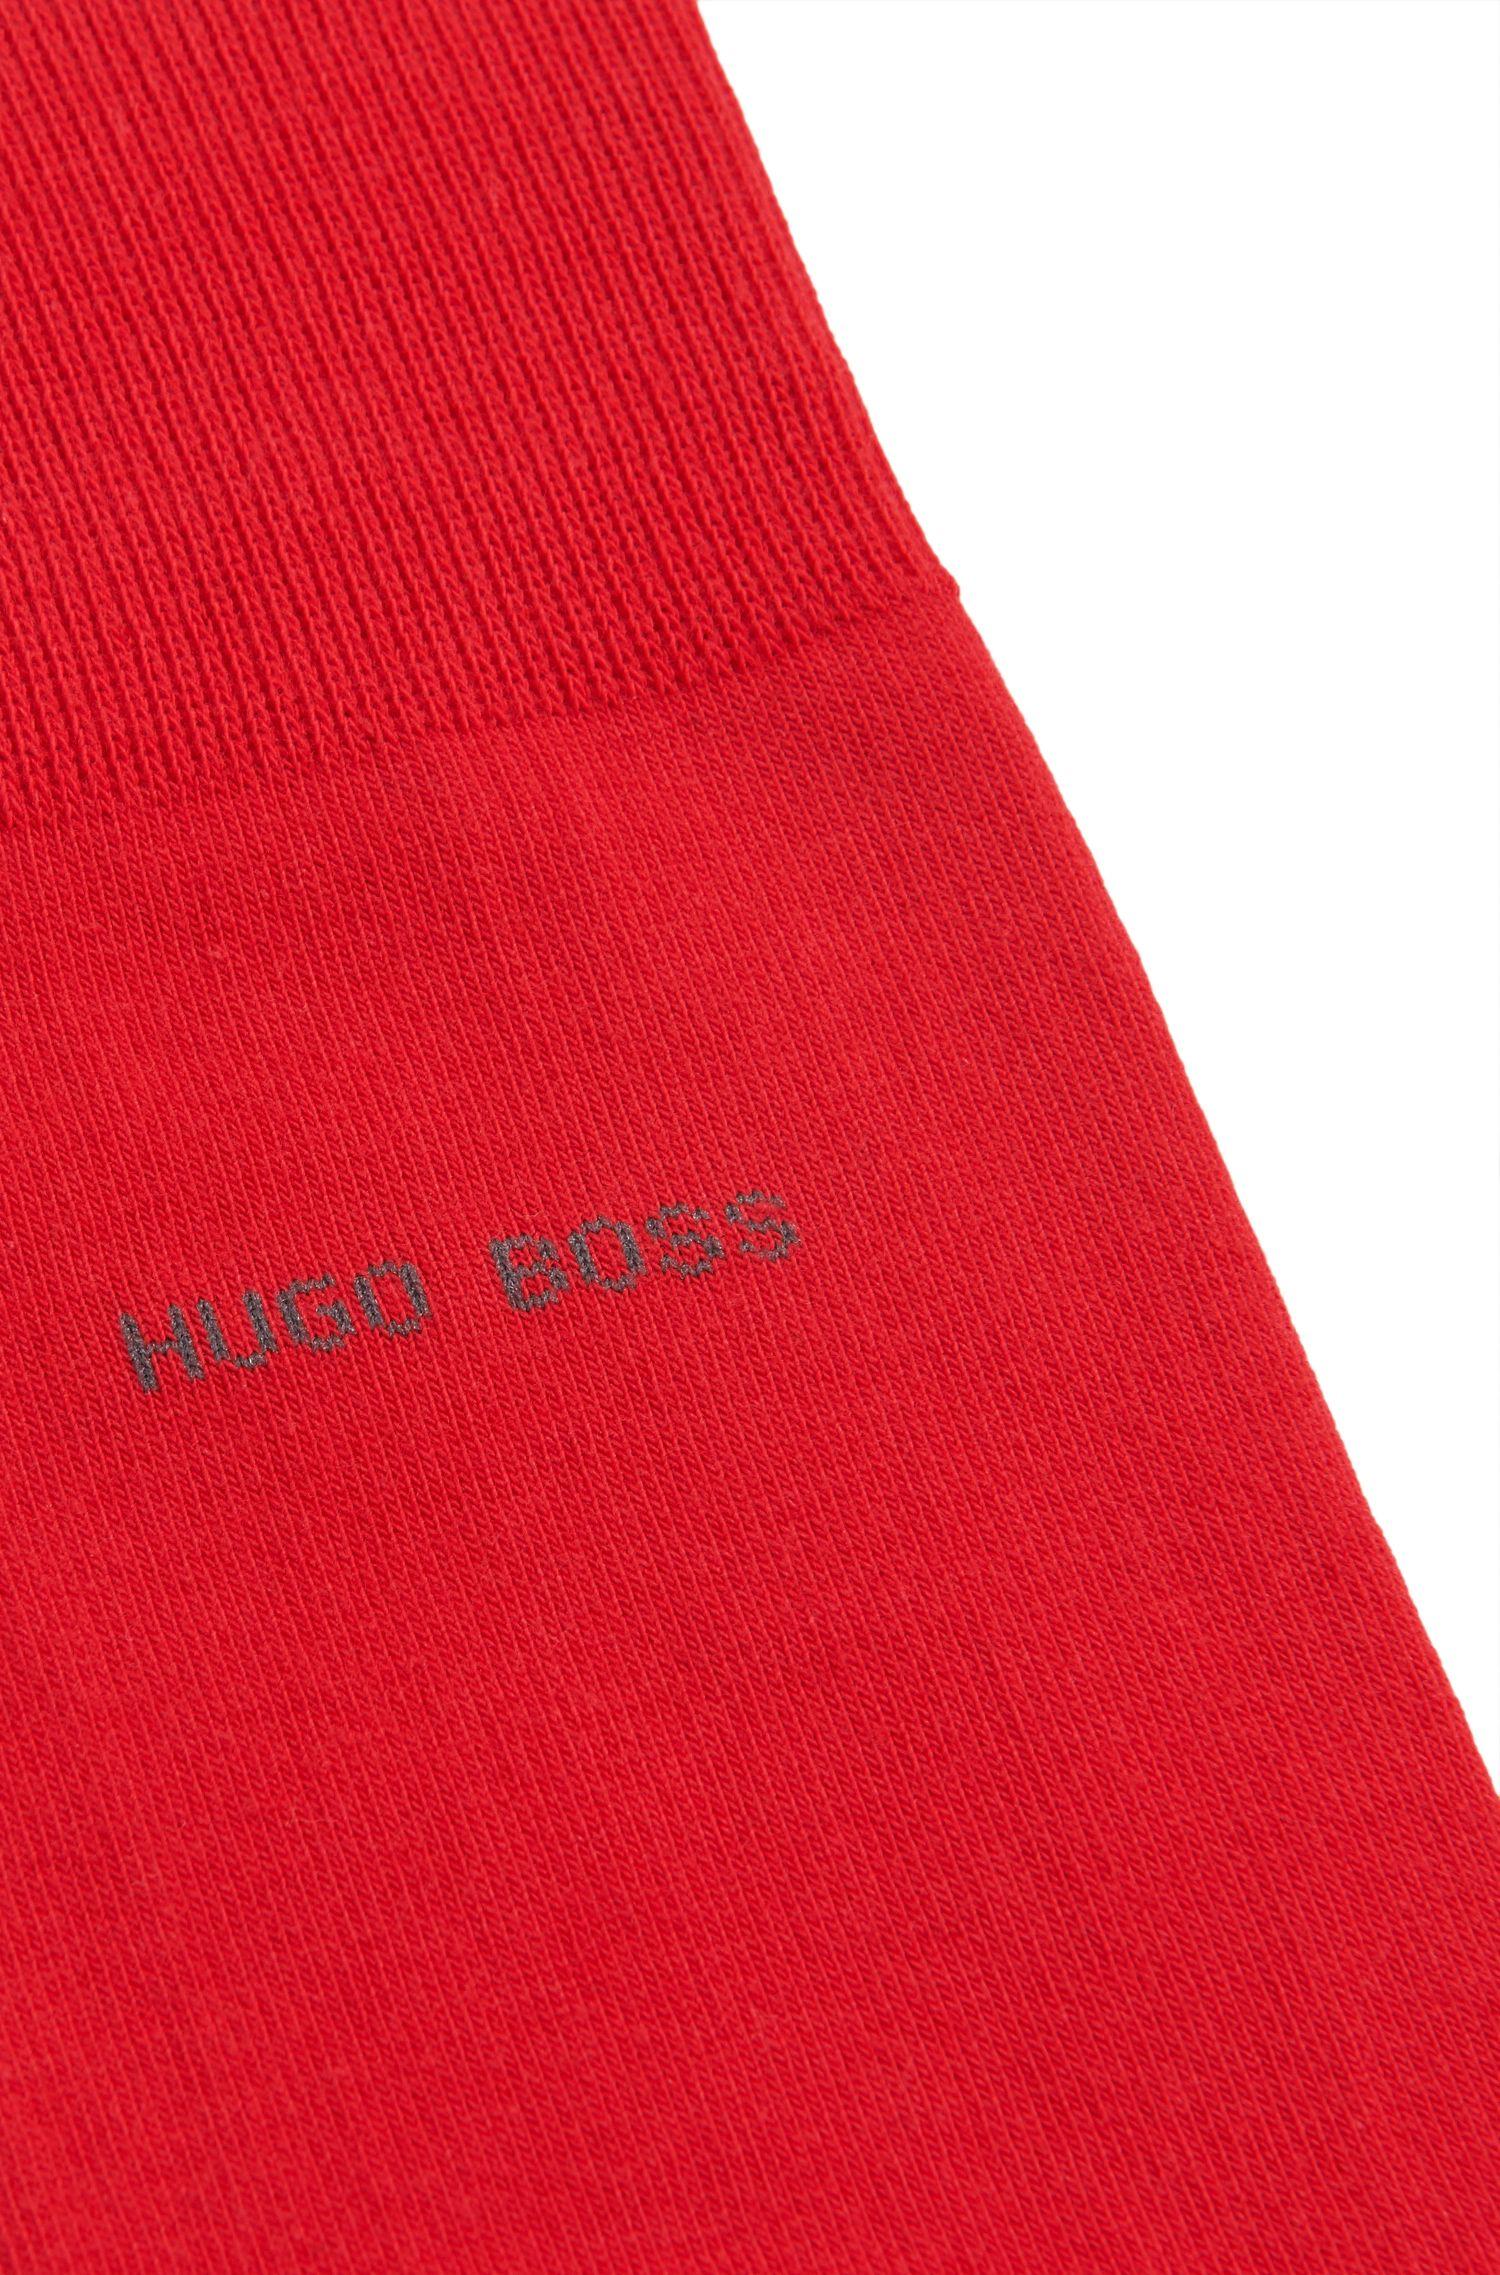 Contrast Socks| Marc RS Heel & Toe US